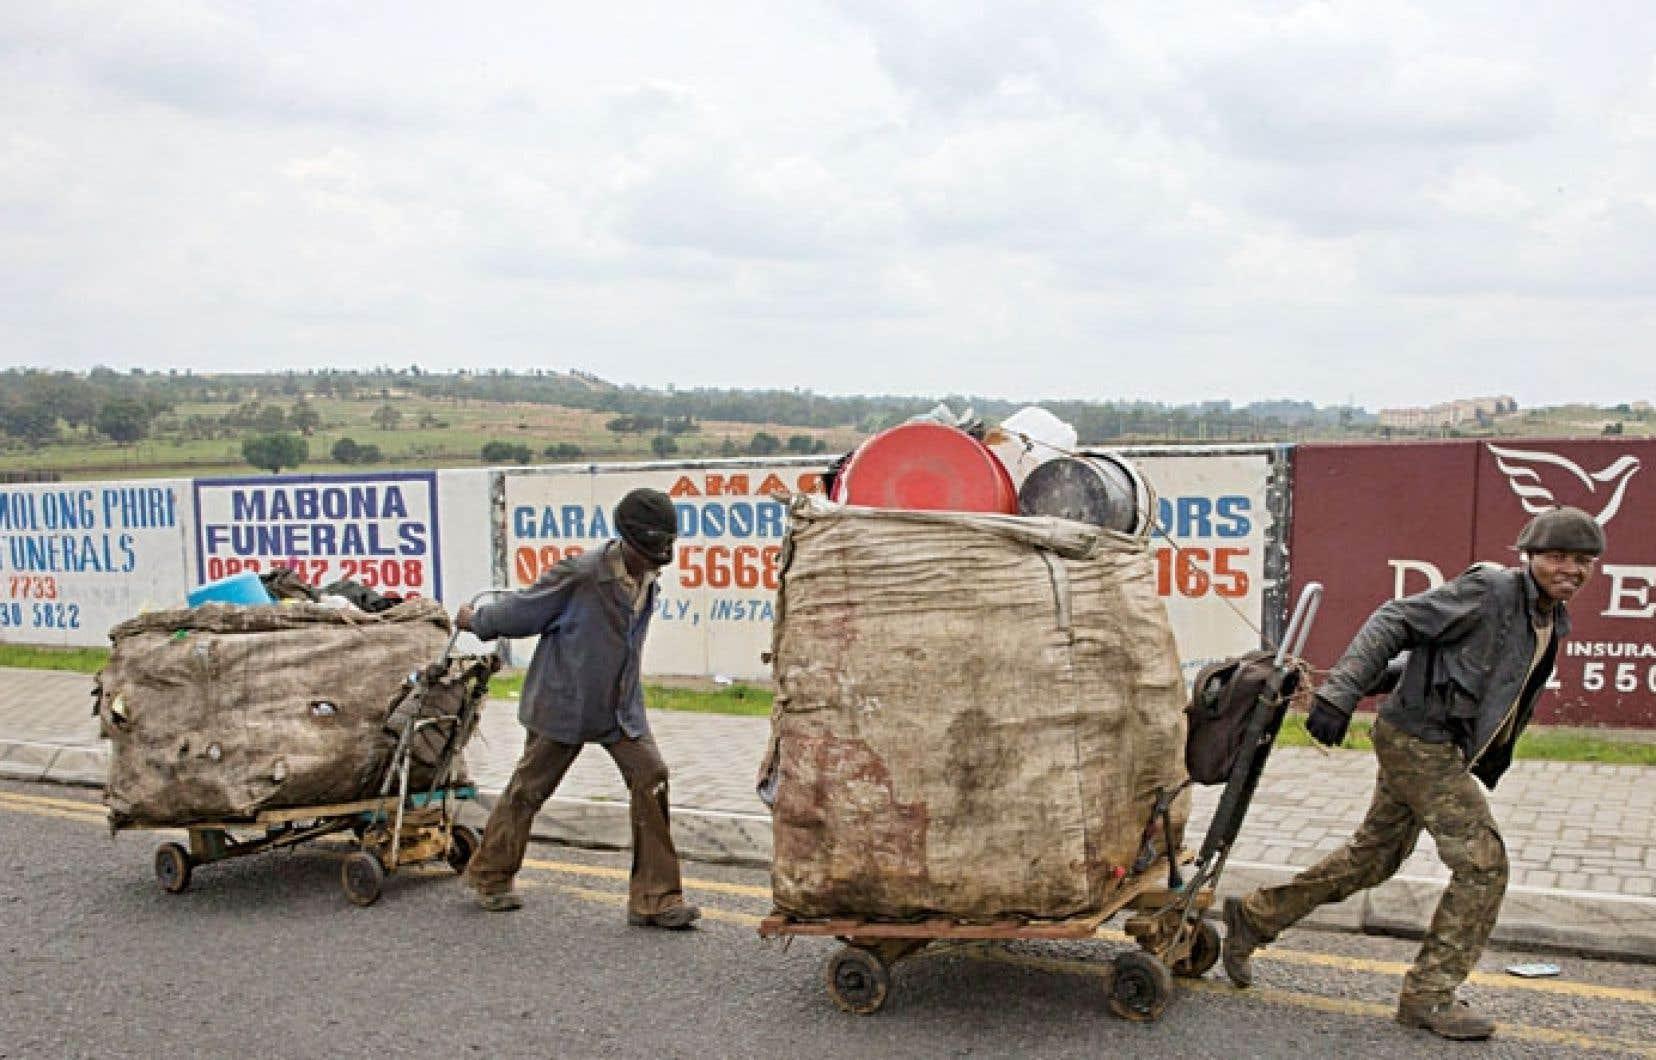 Ramasseurs de déchets en matière plastique à Johannesbourg, la capitale économique sud-africaine